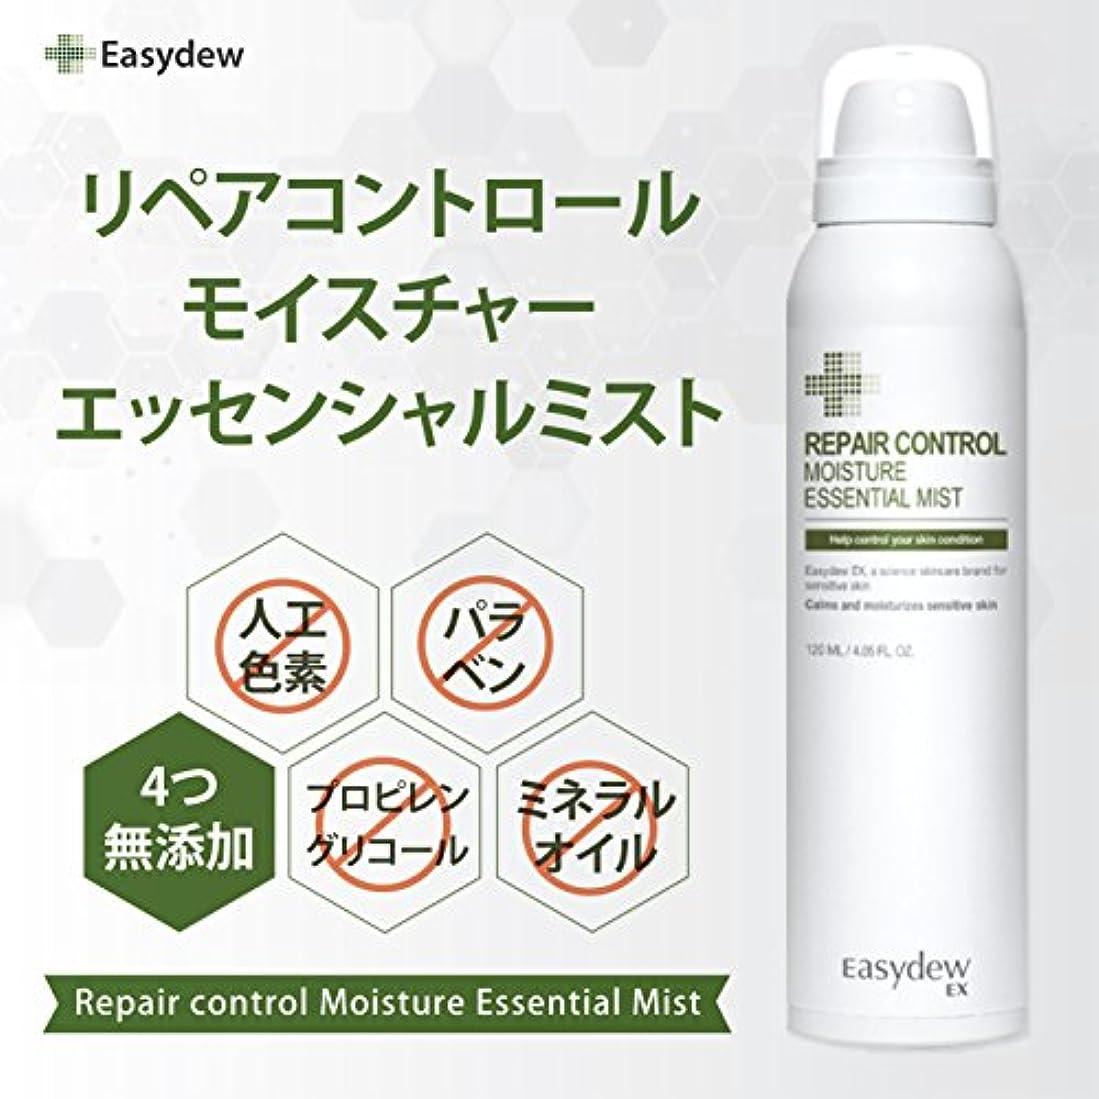 情緒的予言する顎EASYDEW EX リペア コントロール モイスチャー エッセンシャル ミスト Repair Control Moisture Essential Mist 120ml